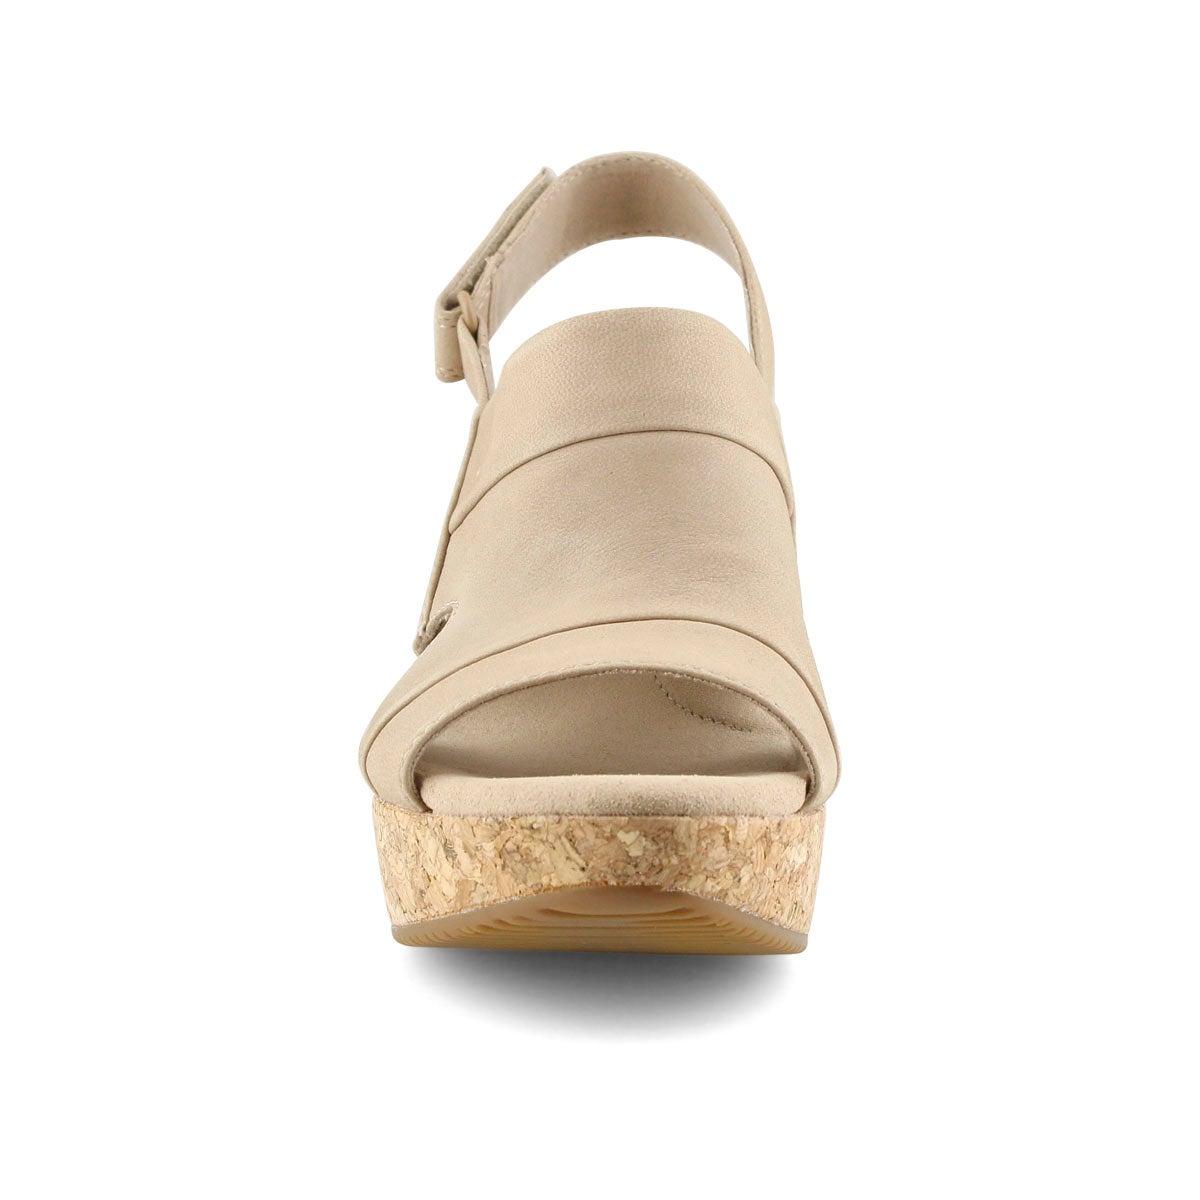 Lds Annadel Ivory sand wedge sandal